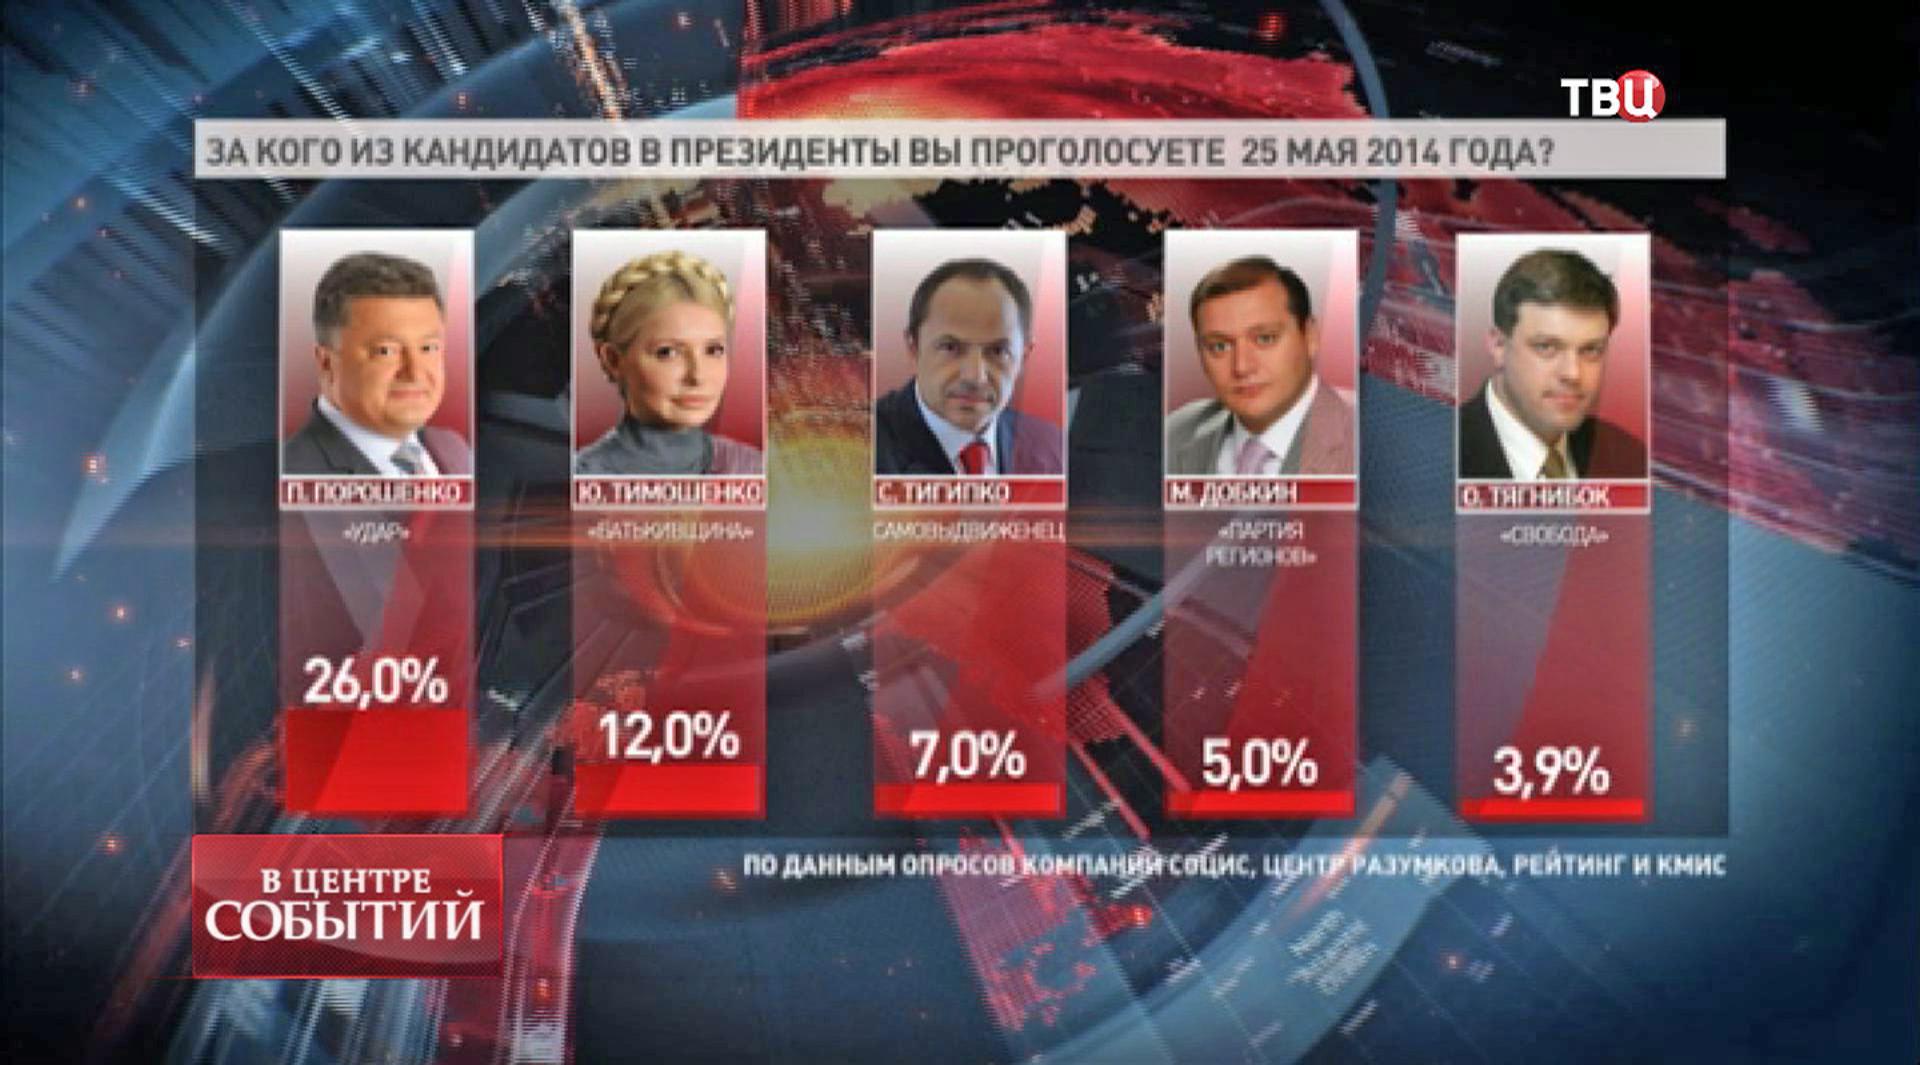 Кандидаты в президенты Украины